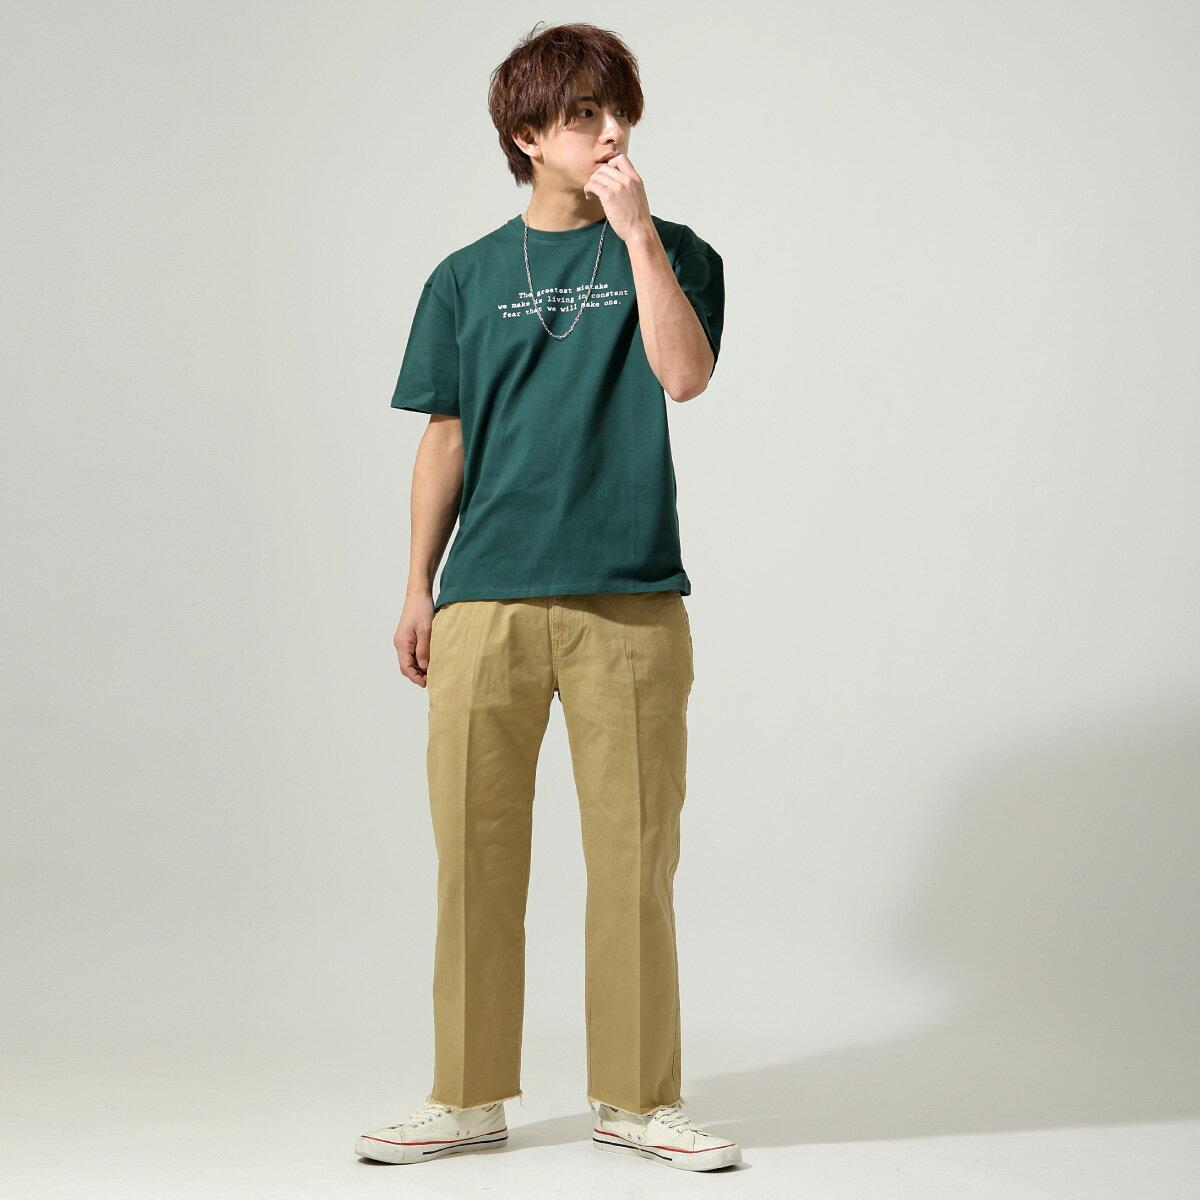 【New】ZIP 素色寬褲 立體折線 5